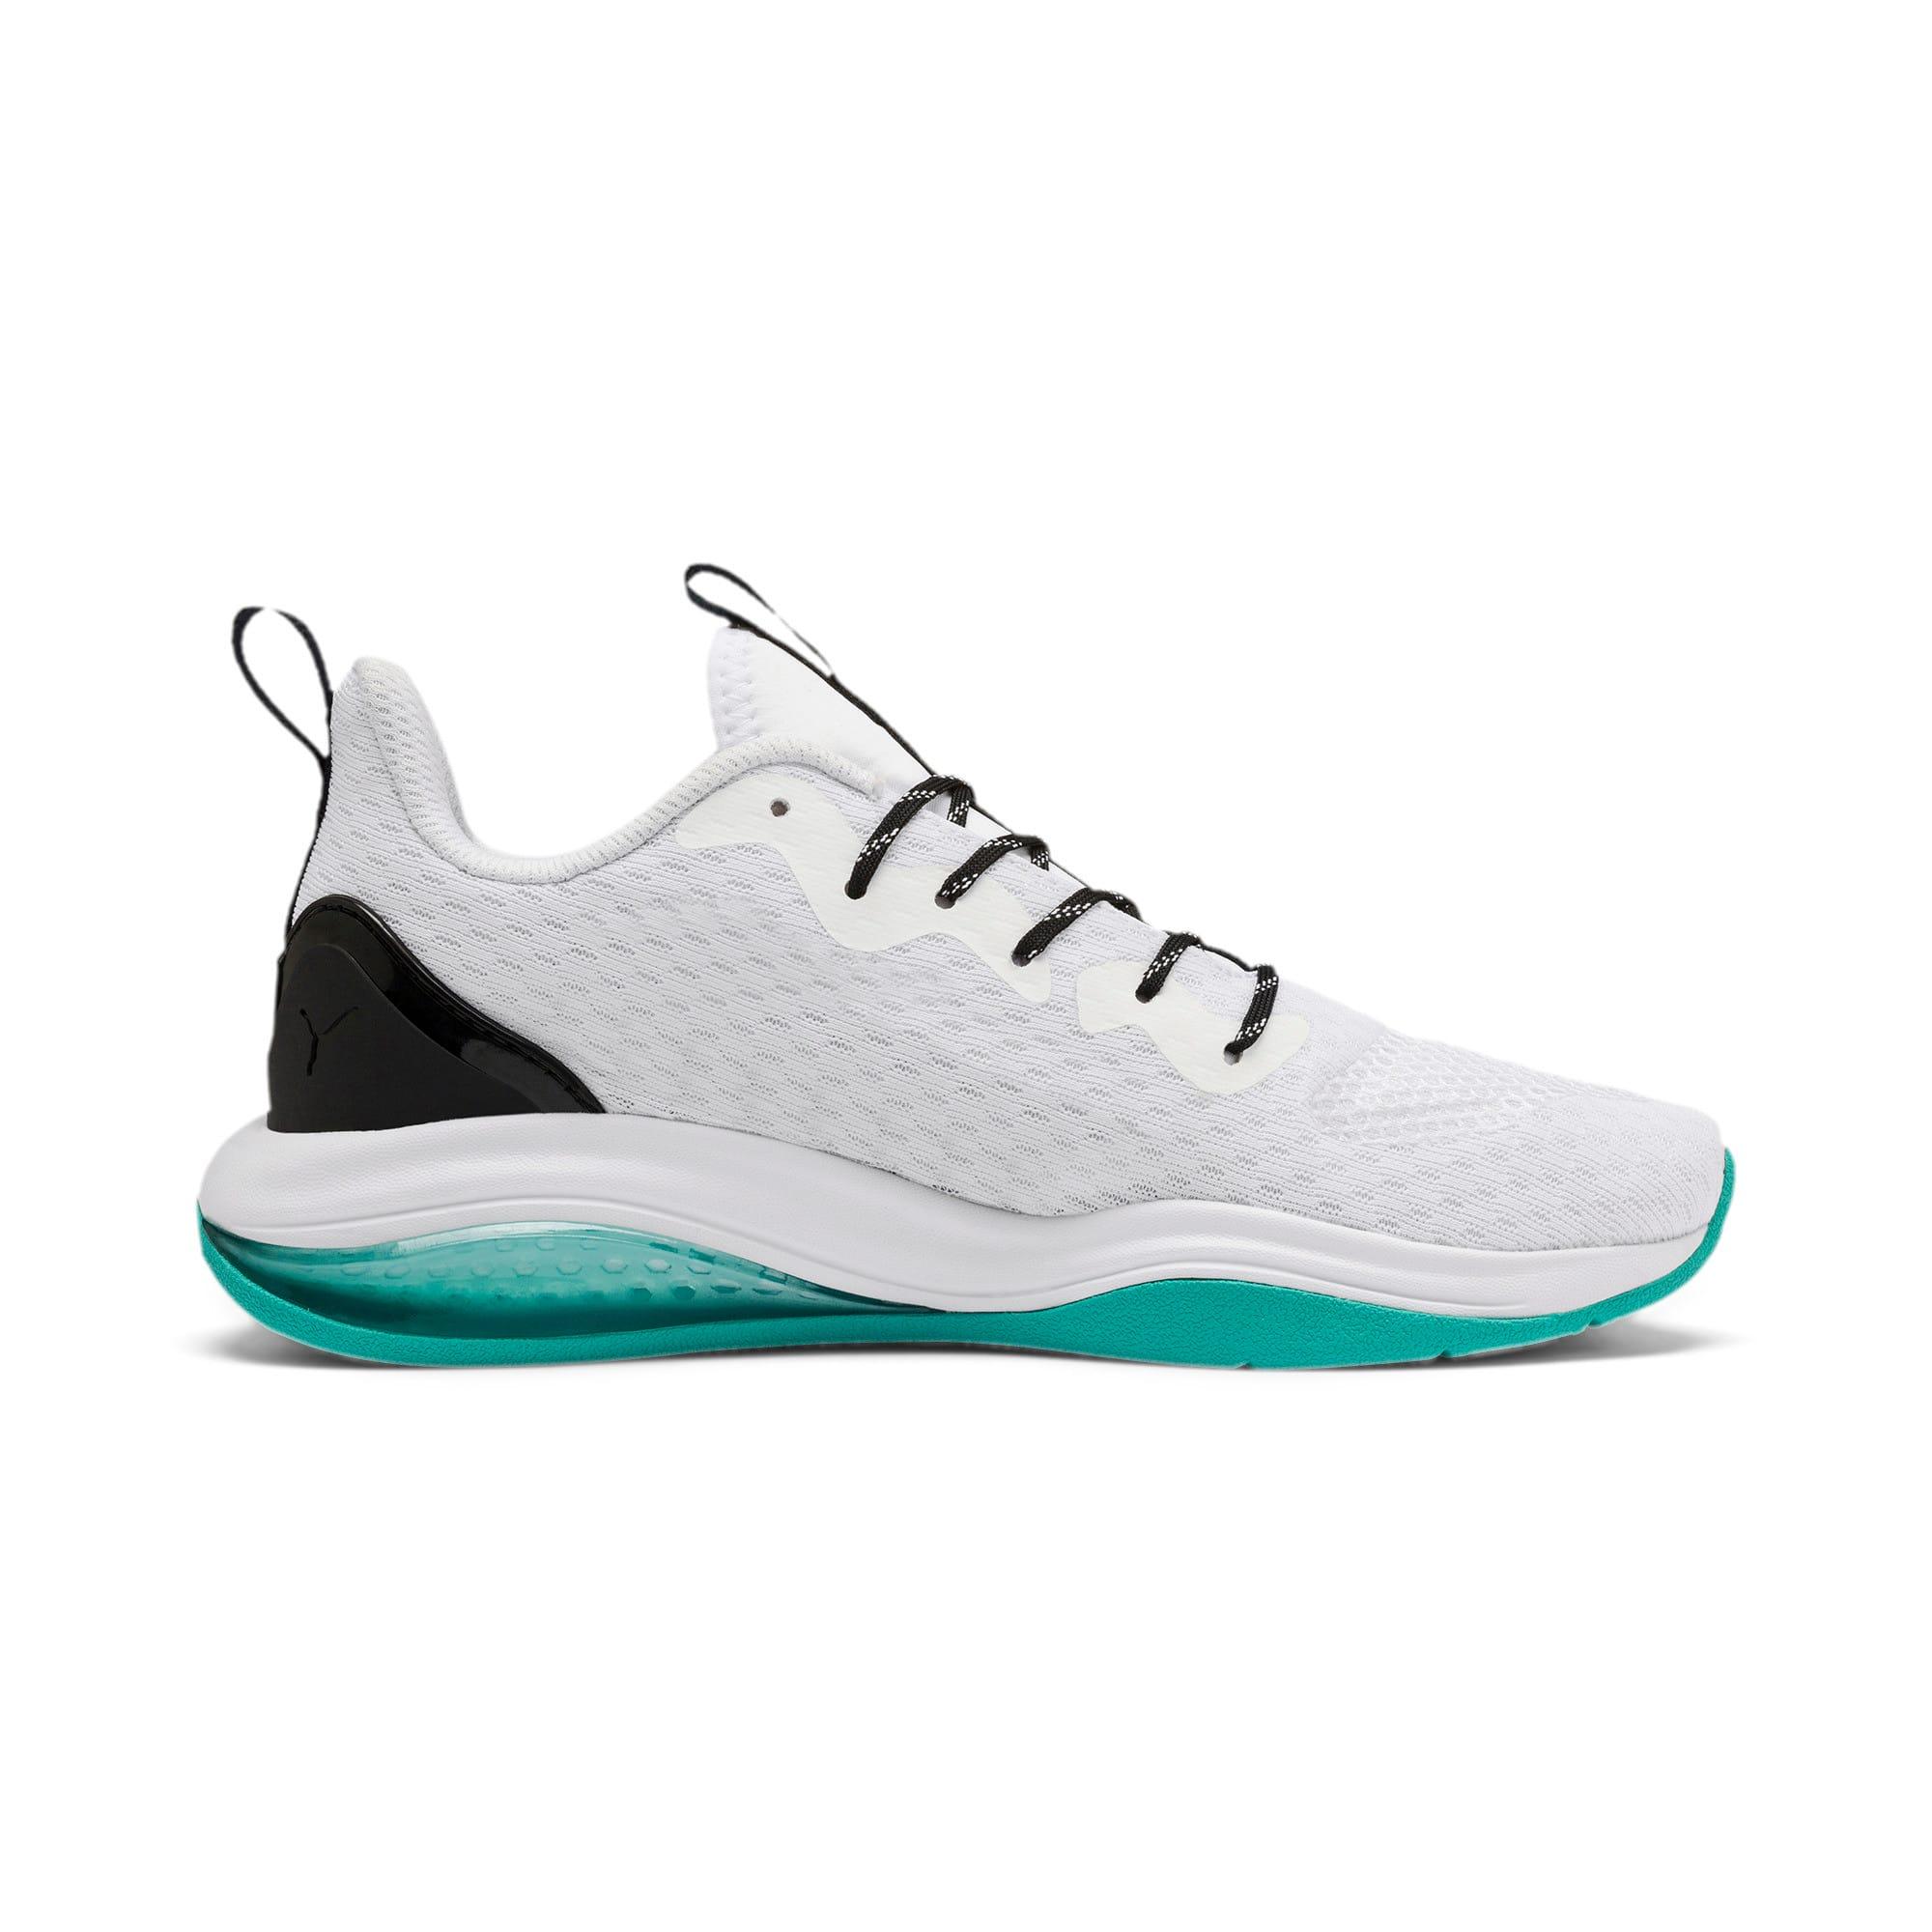 Thumbnail 5 of LQDCELL Tension Training Shoes JR, Puma White-Puma Black, medium